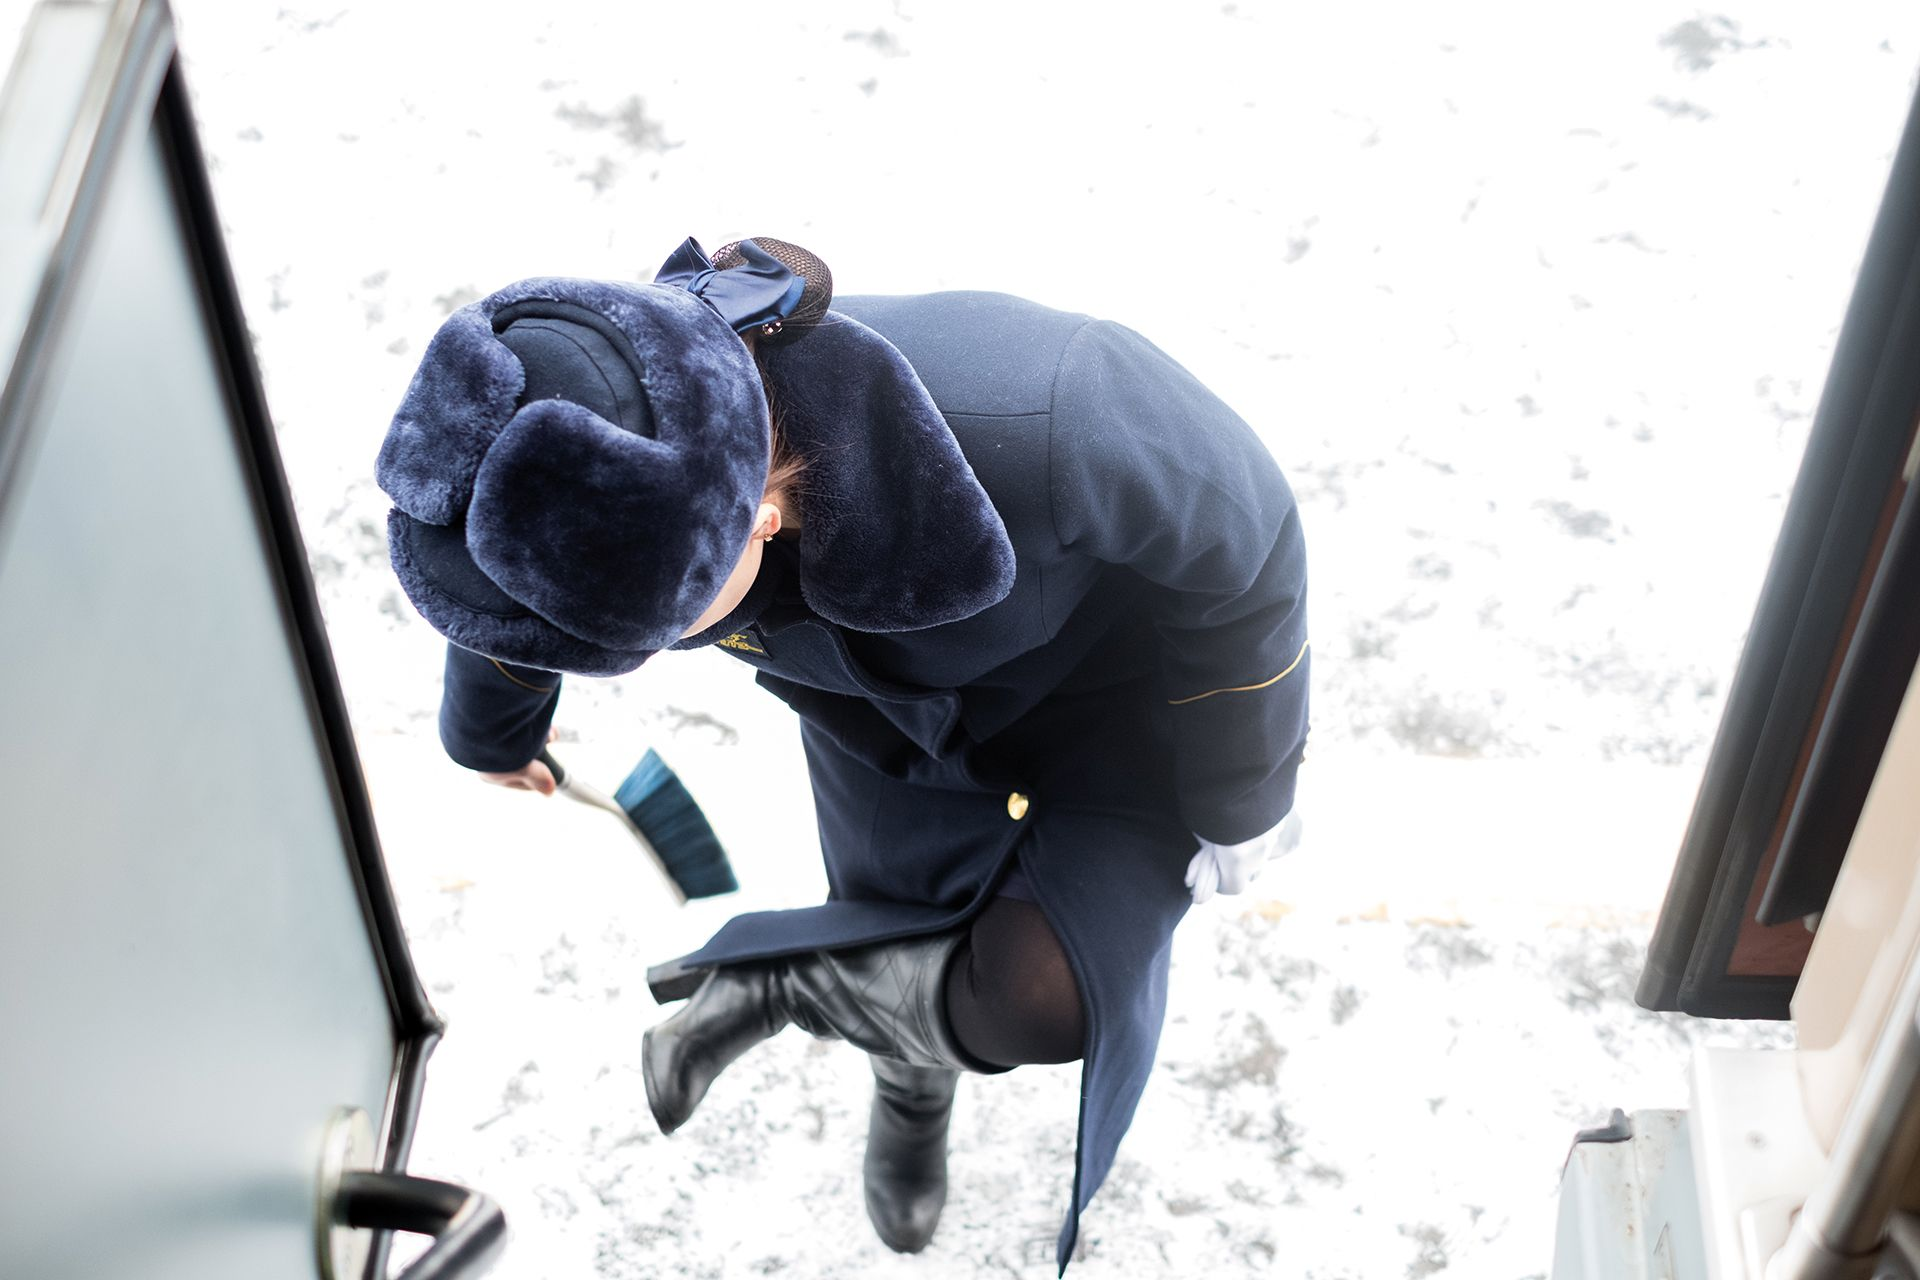 Une provodnista nettoie ses bottes avant de monter dans le Transsibérien